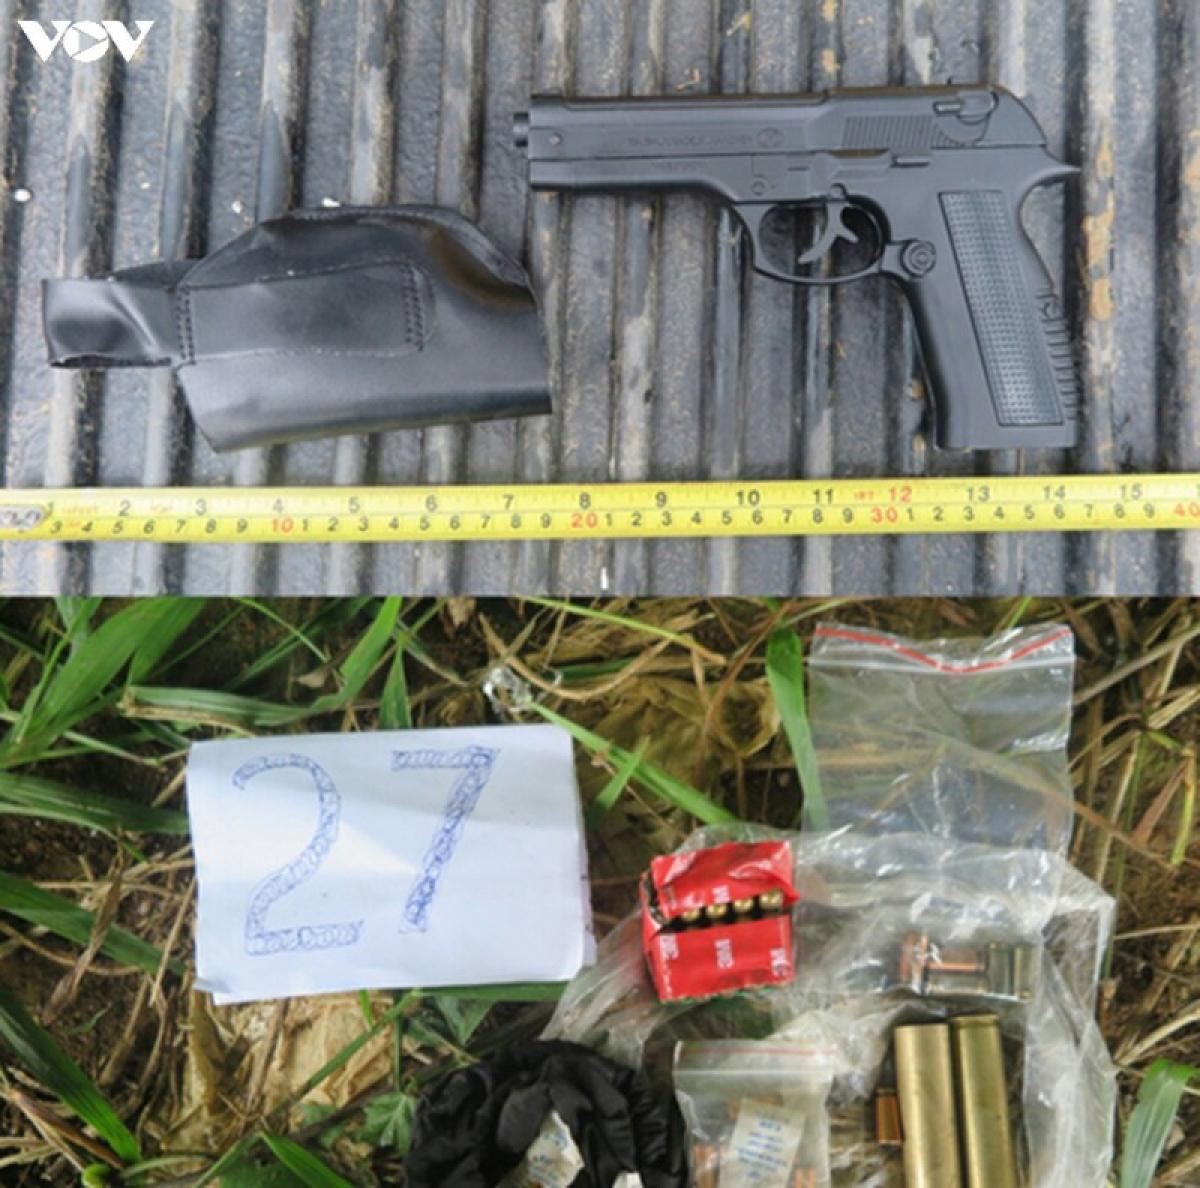 Lực lượng chức năng thu giữ được 7 khẩu súng tại hiện trường (ảnh: Thanh Tuấn)